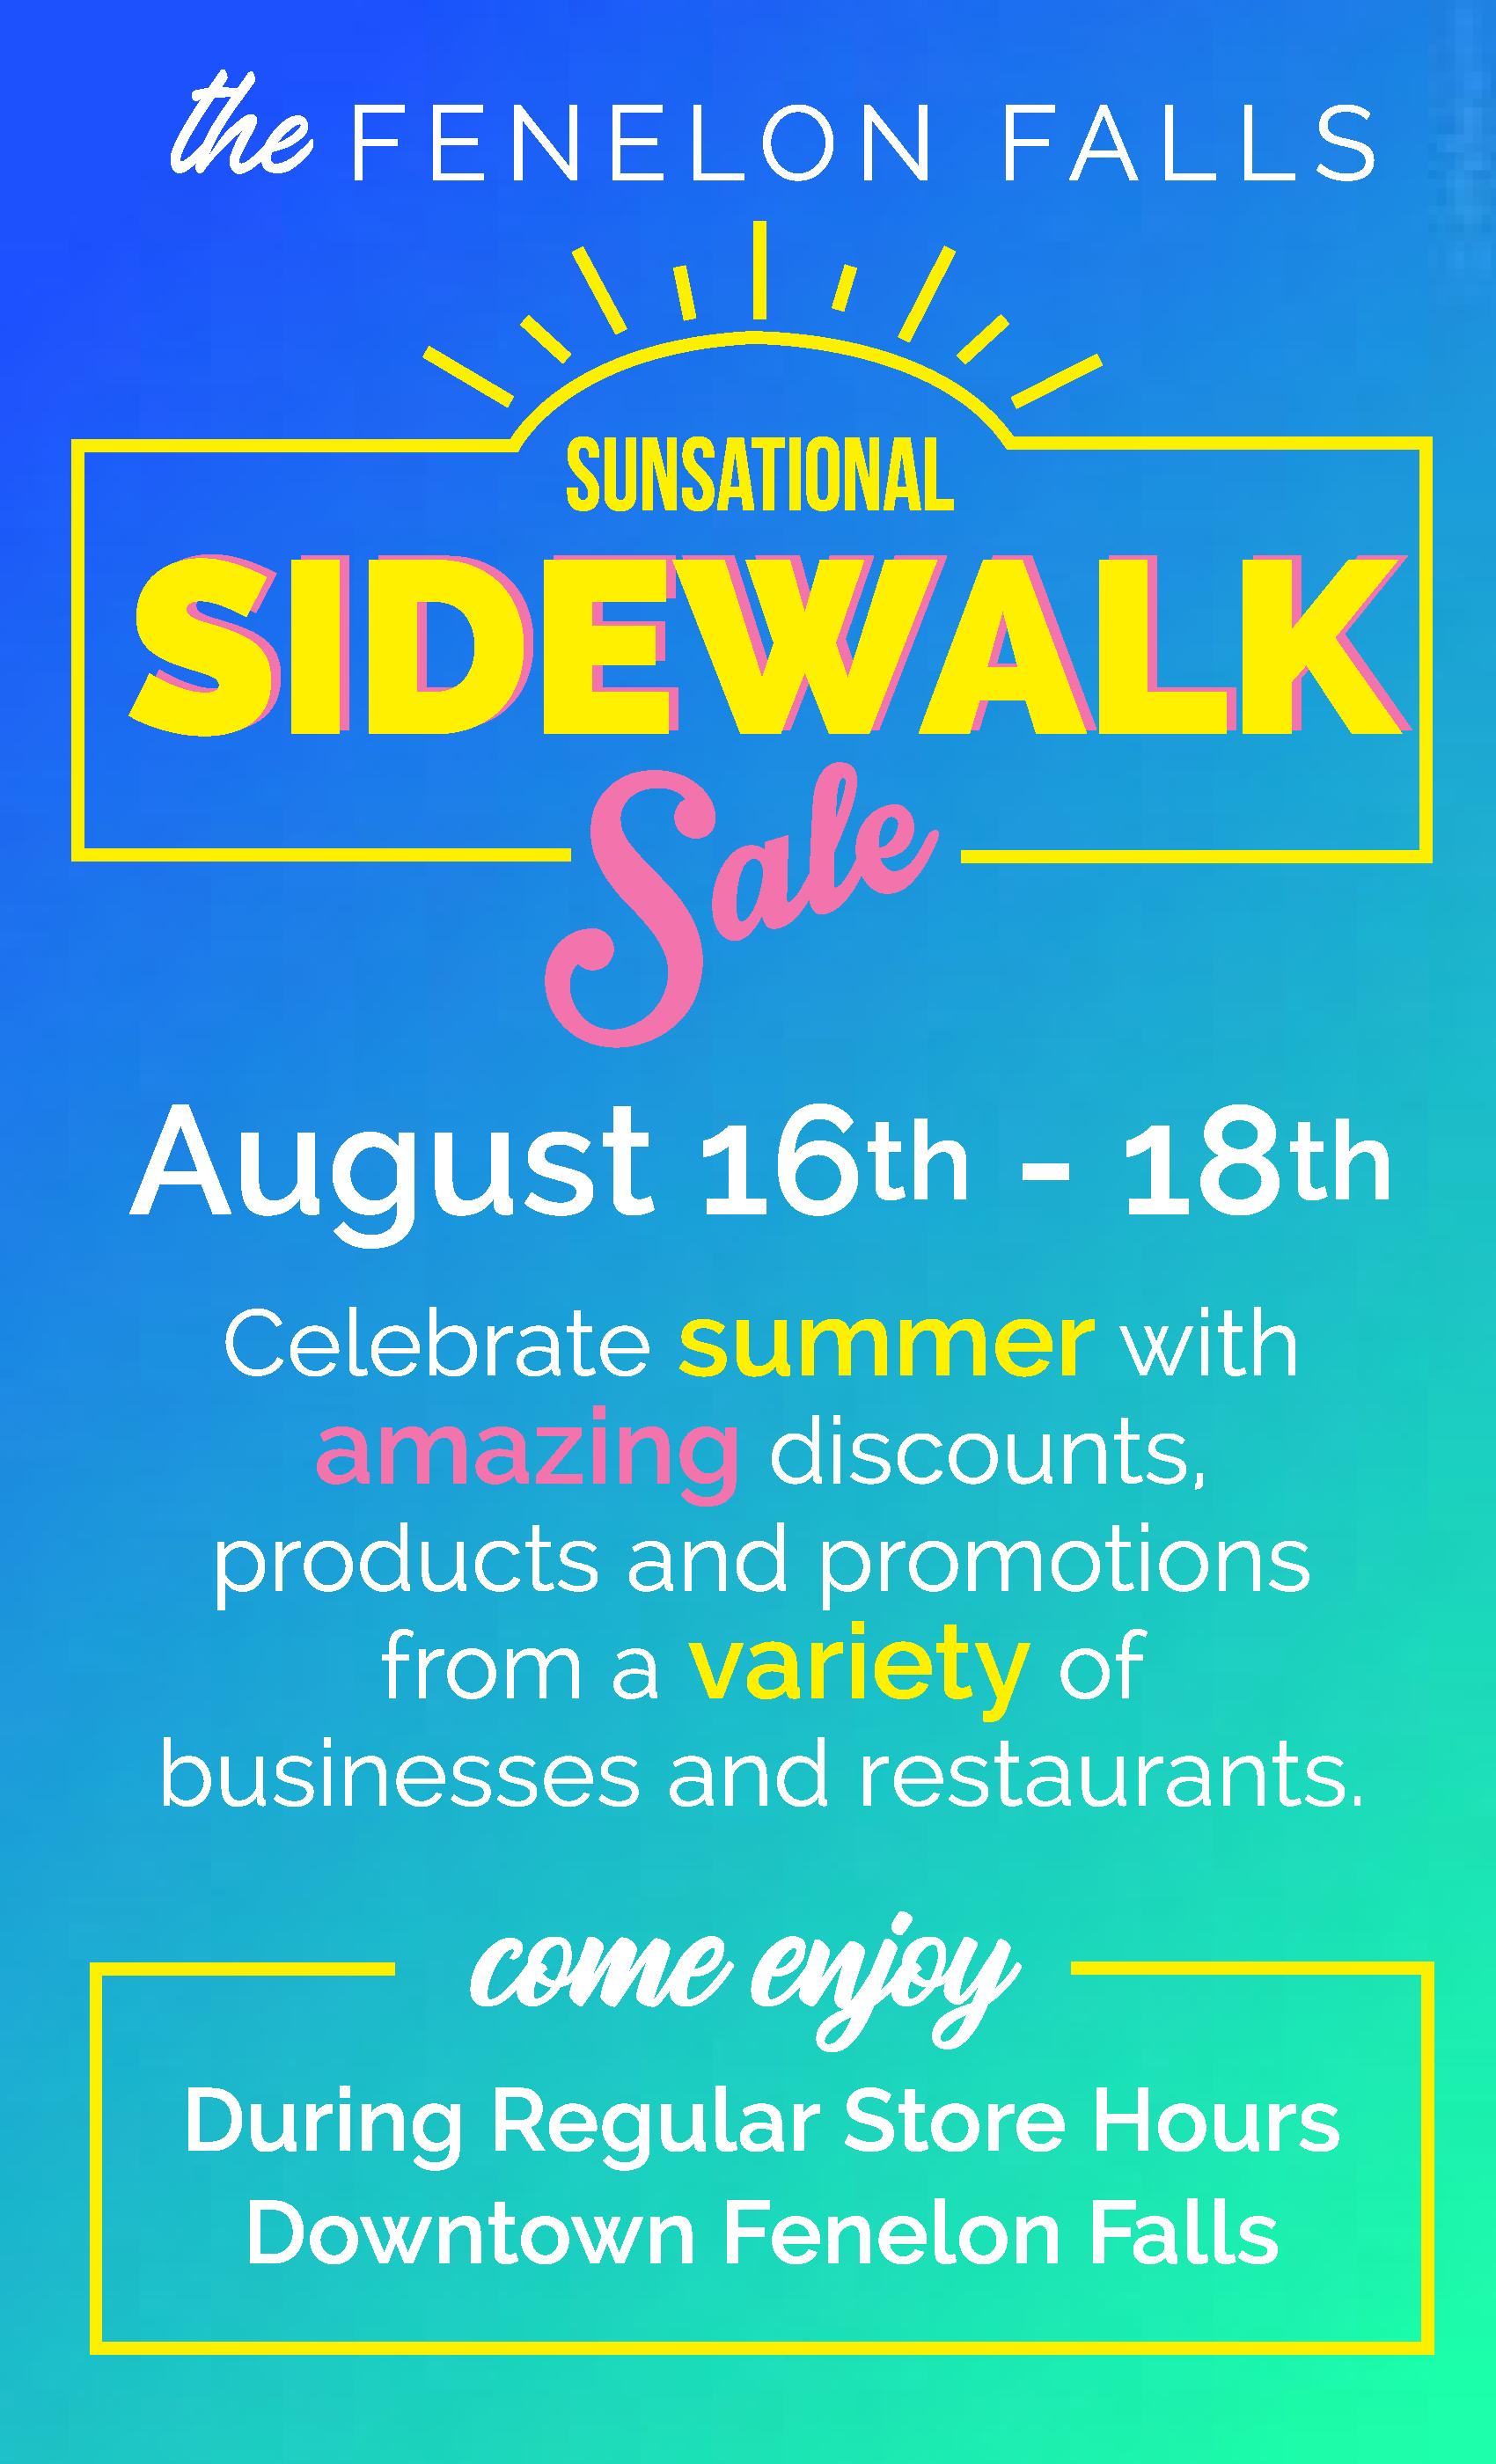 Sidewalk Sale Poster.png